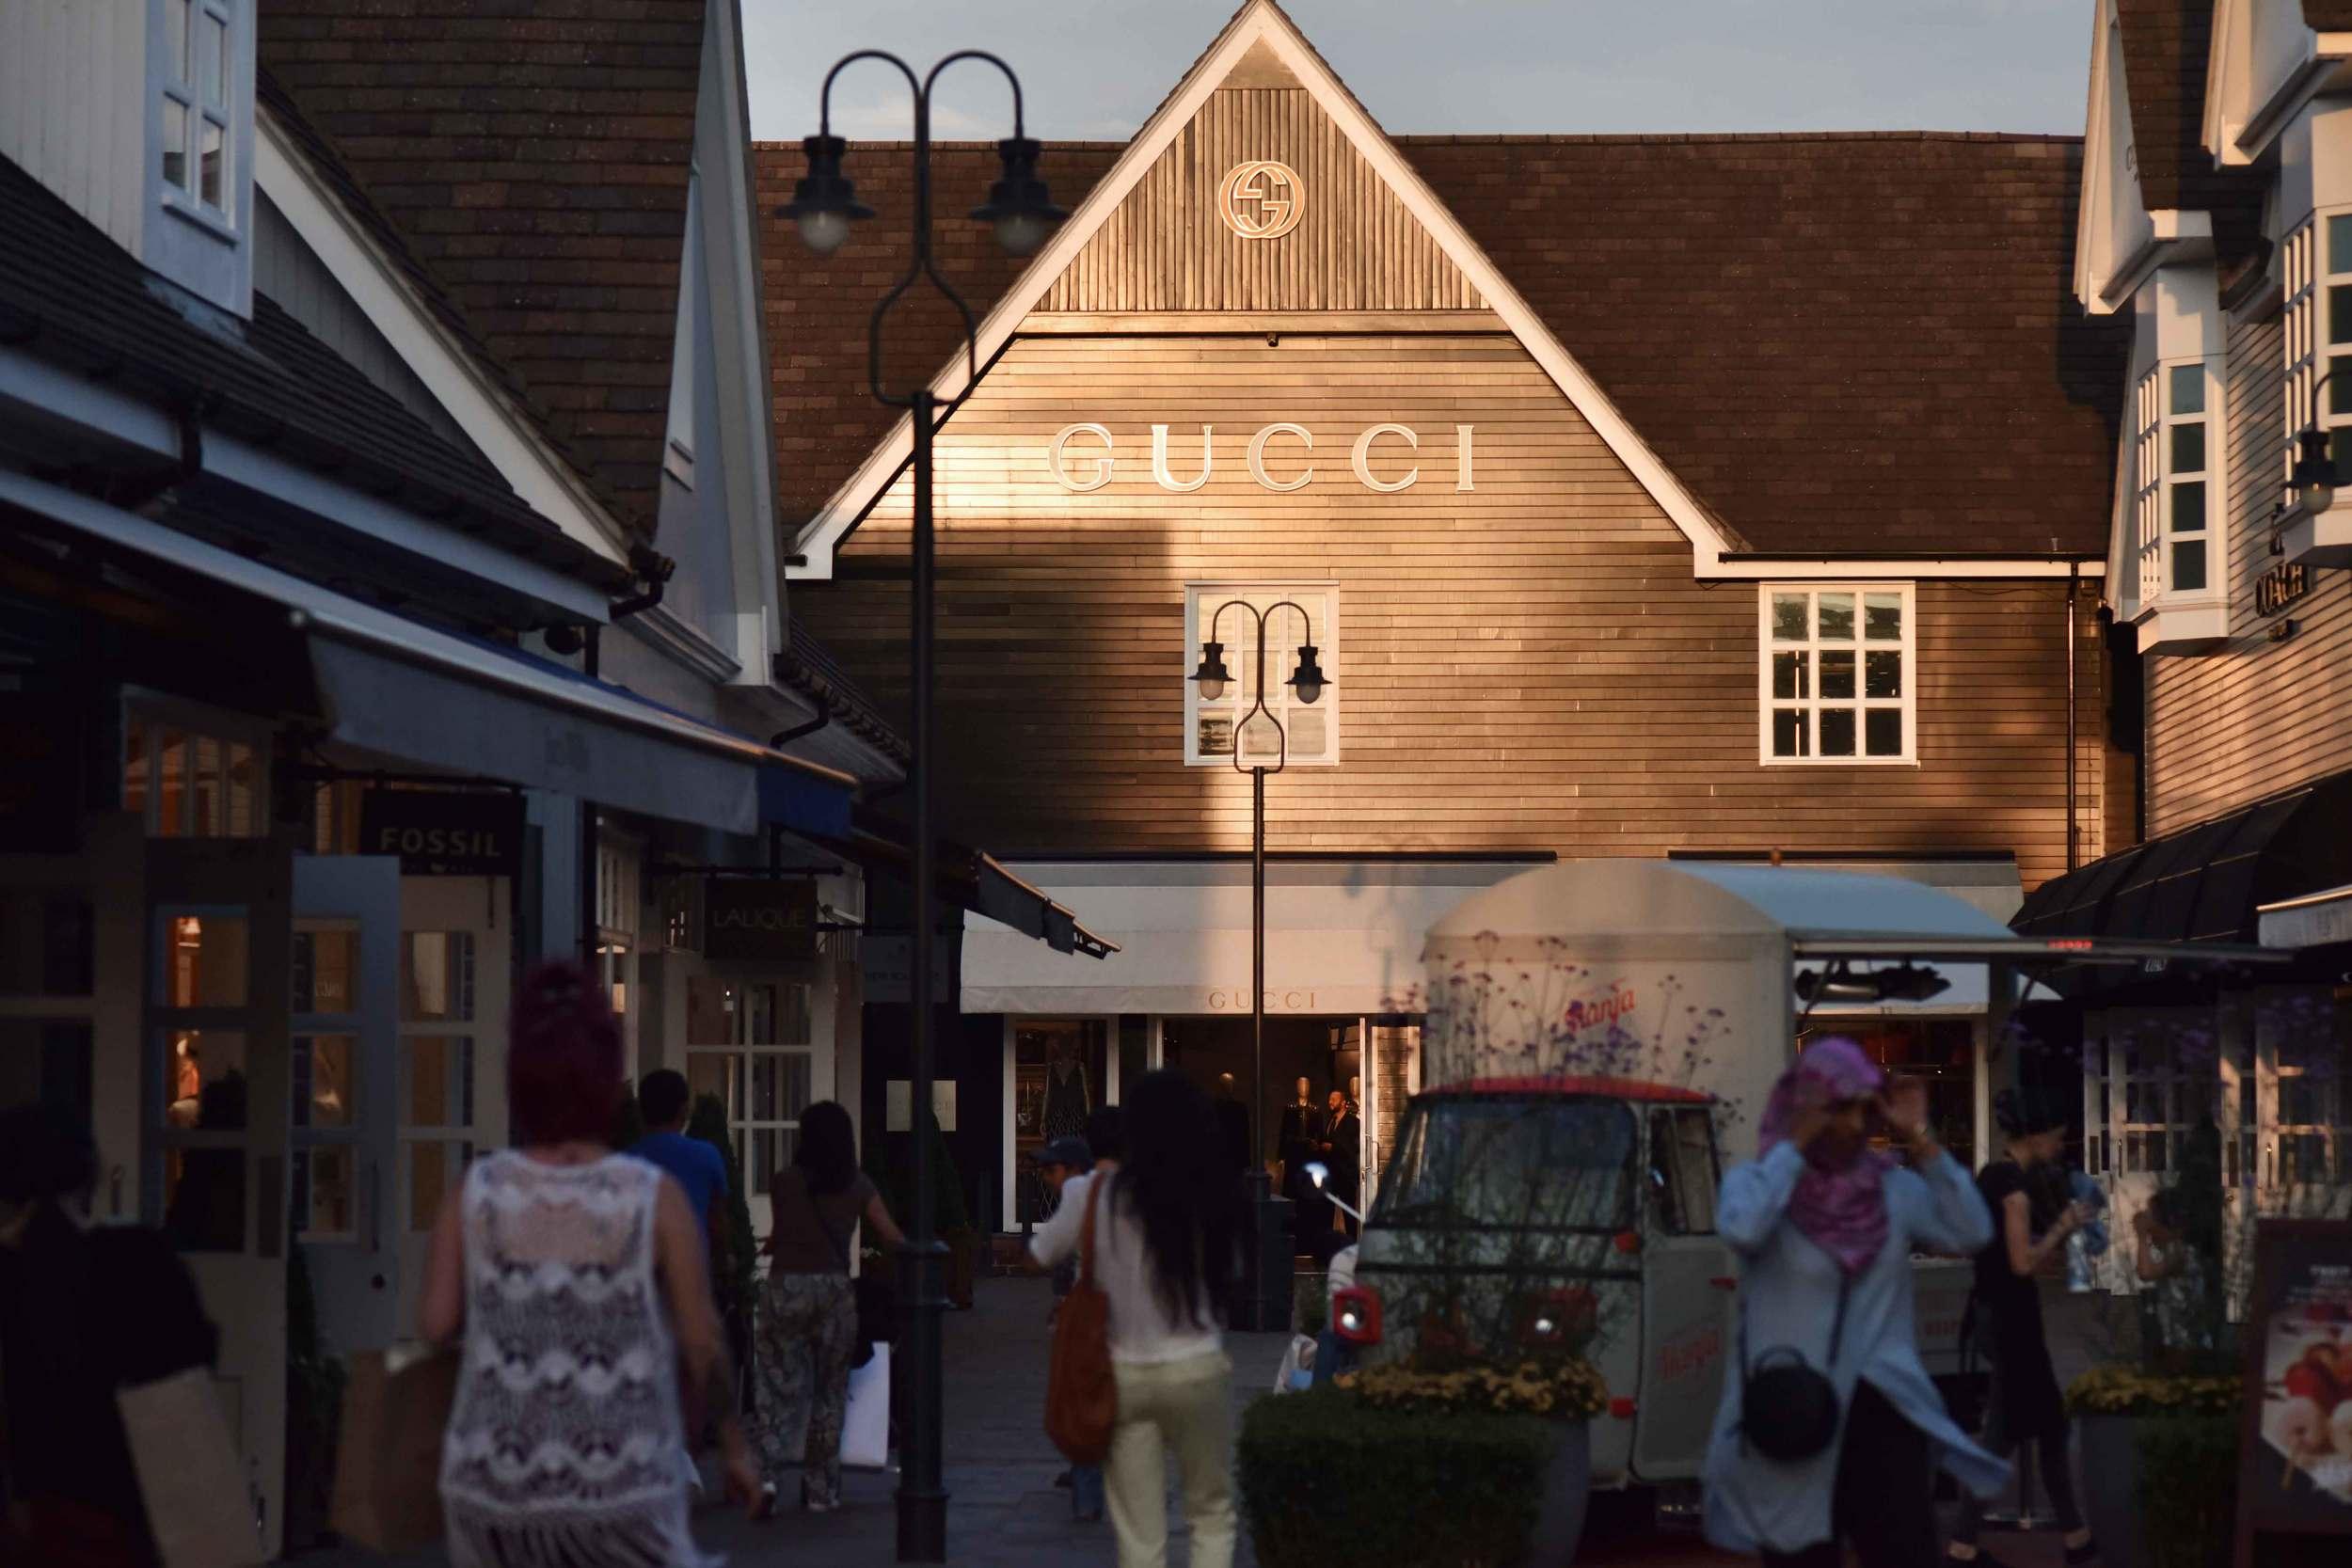 Gucci, Bicester village, designer shopping outlet near London, UK. Image©sourcingstyle.com